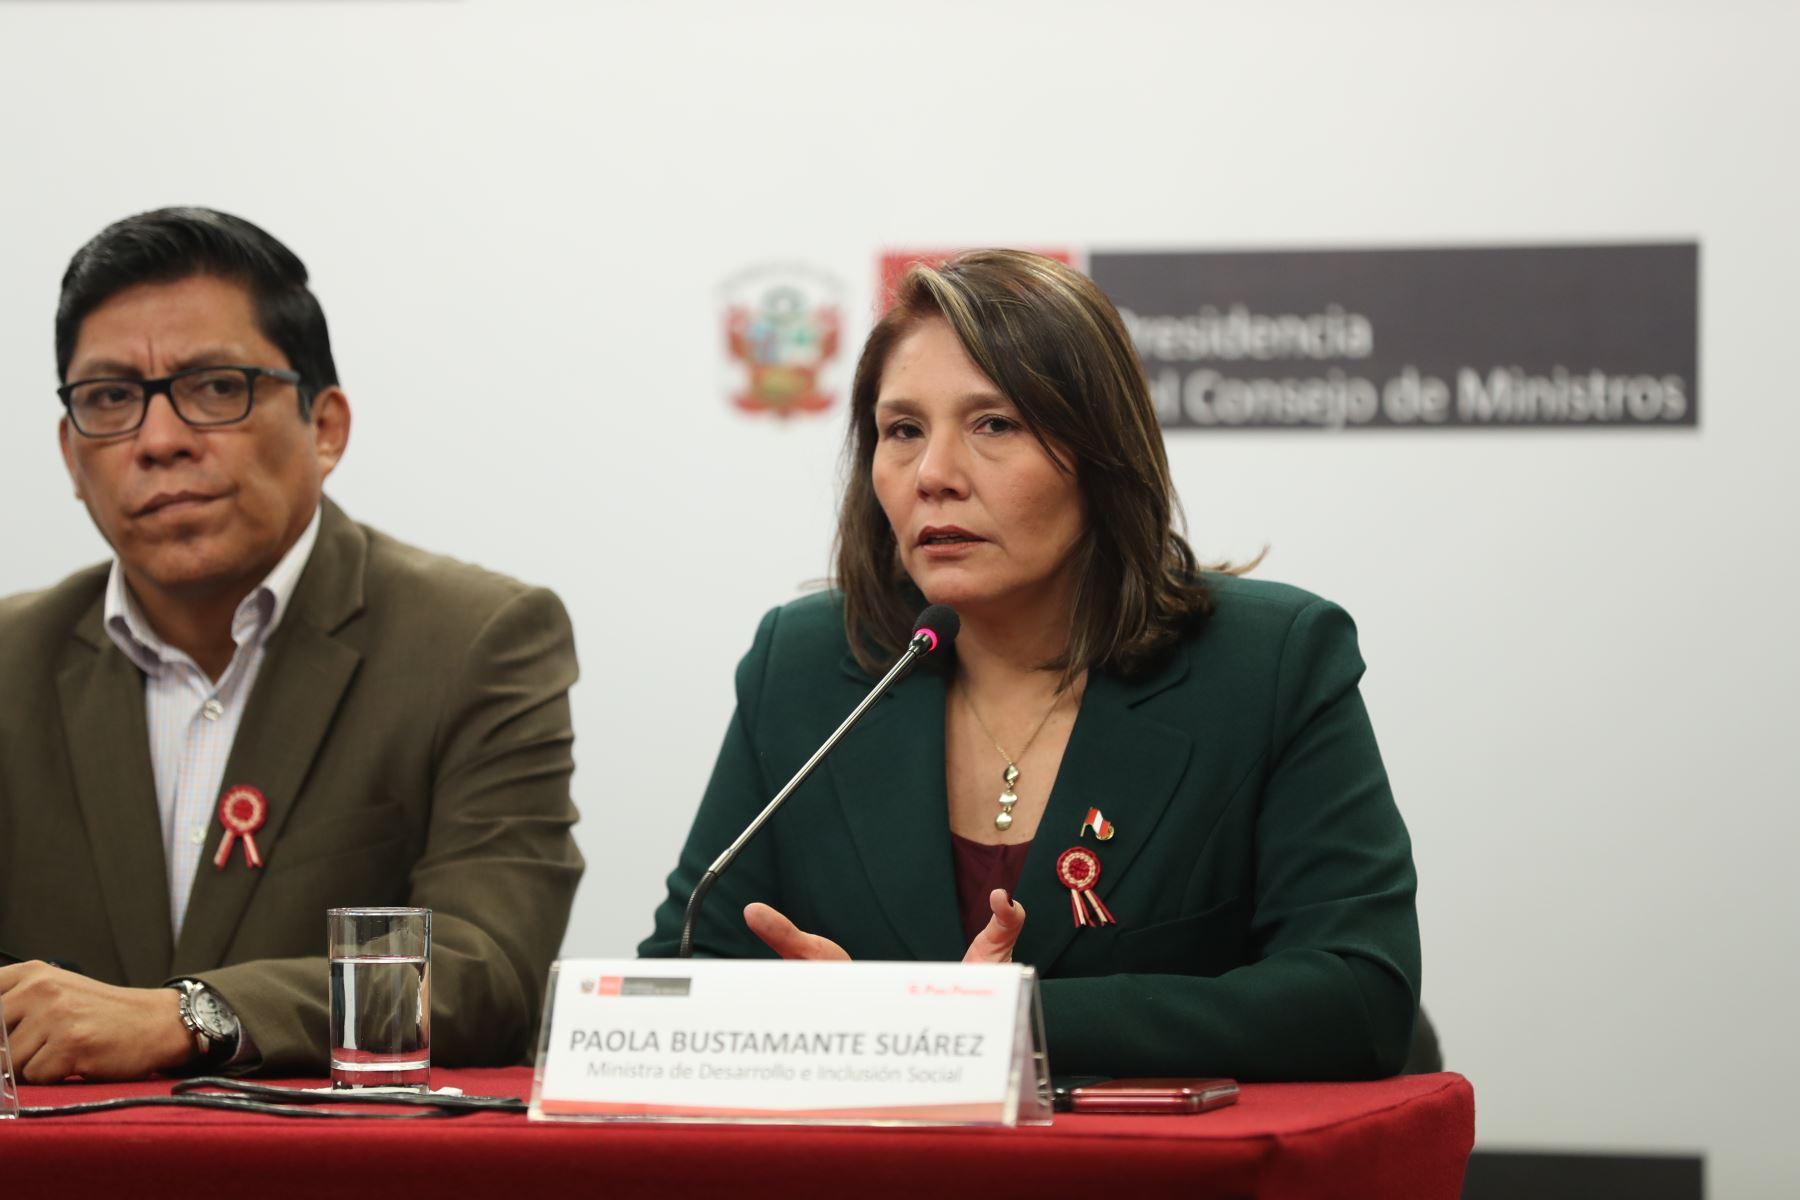 Paola Bustamante Suárez, ministra de Desarrollo e Inclusión Social brinda conferencia de prensa para abordar temas de la coyuntura nacional luego de la reunión del Consejo de Ministros. Foto: PCM